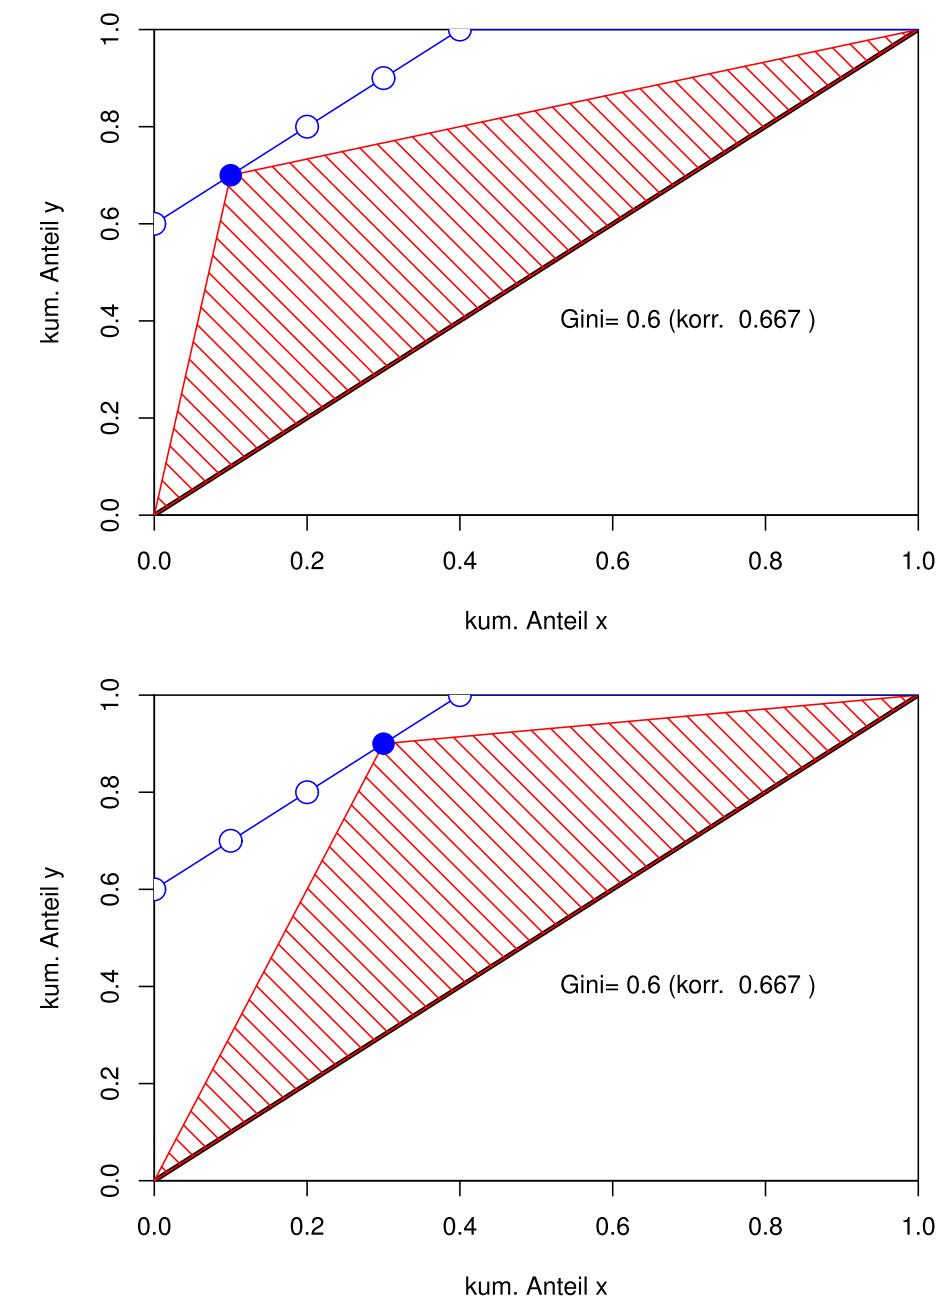 Zwei Beispiele zum Gini-Index 0.6